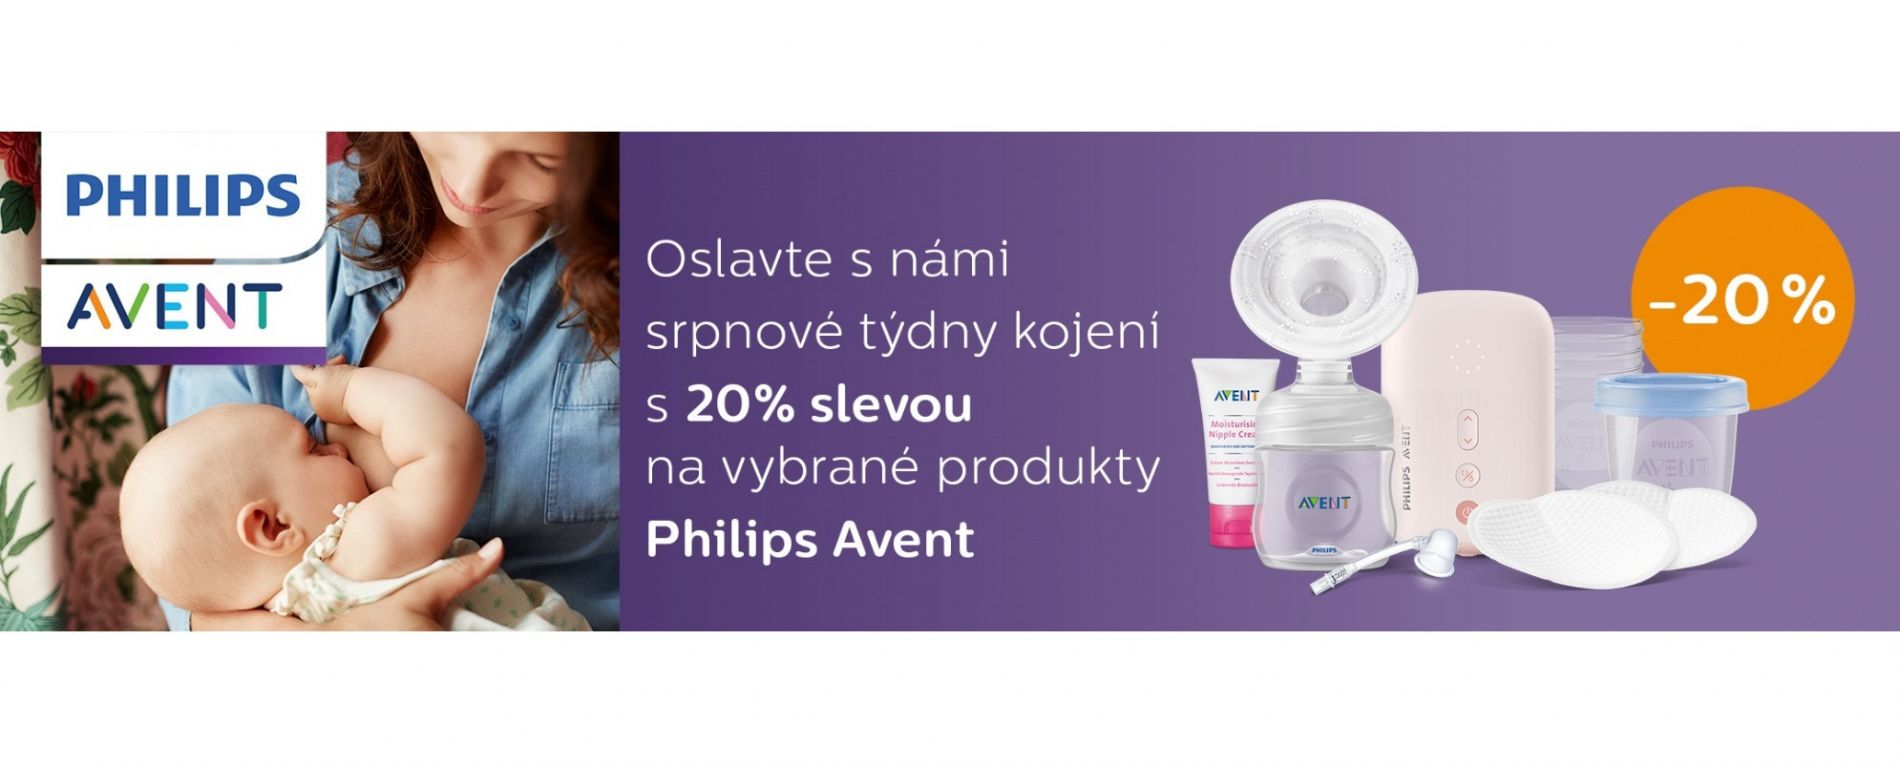 SRPNOVÉ TÝDNY KOJENÍ s Philips AVENT